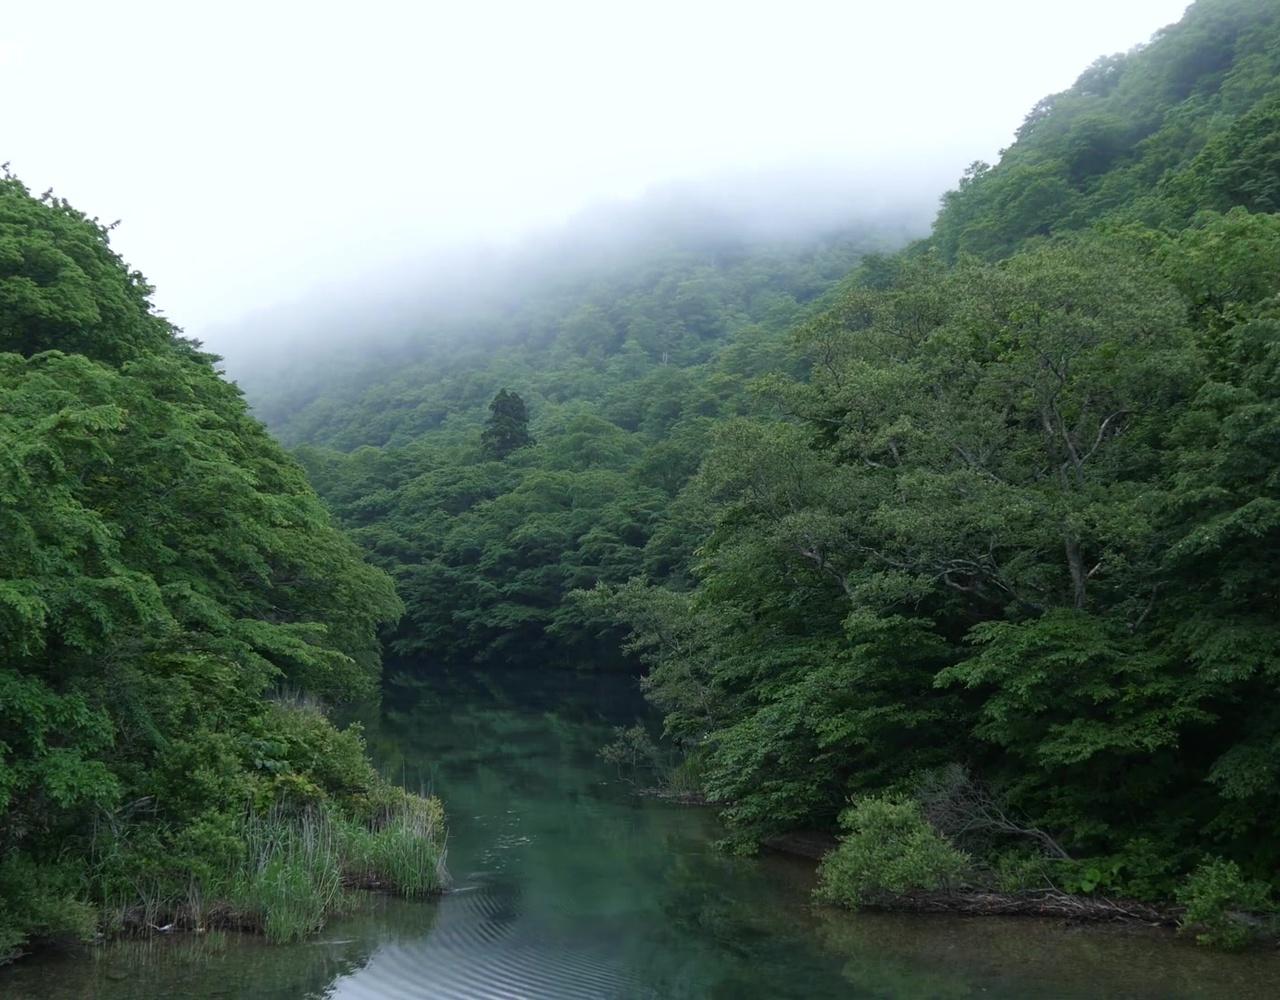 【最美日本】JAPAN 奥入瀬渓流の新緑 Fresh Green.The Oirase Stream in nature